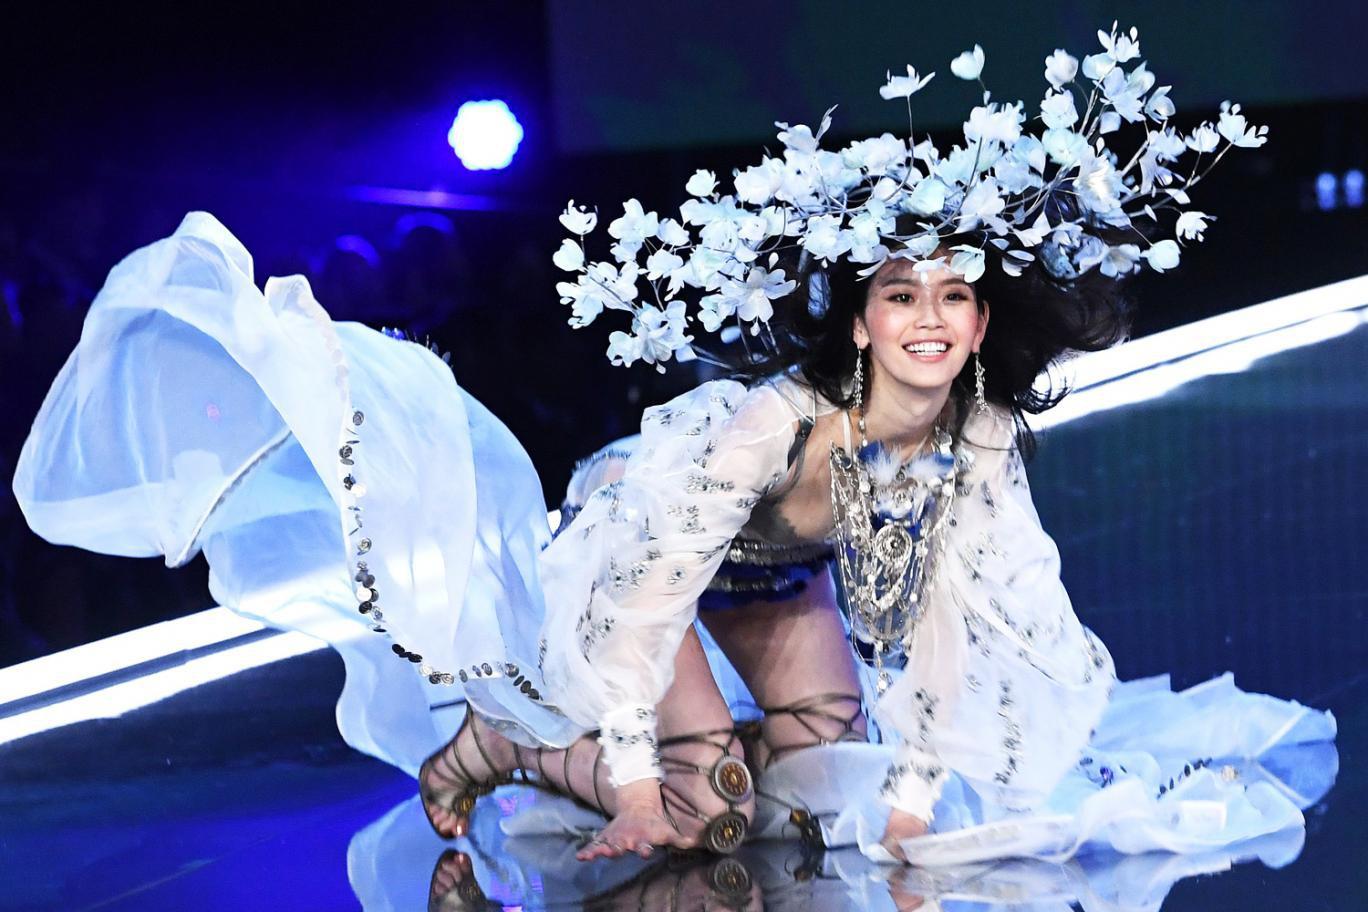 Danh sách 59 người mẫu của Victorias Secret Show 2018: Ming Xi tiếp tục diễn sau cú ngã năm ngoái, thiên thần Behati tái xuất - Ảnh 5.